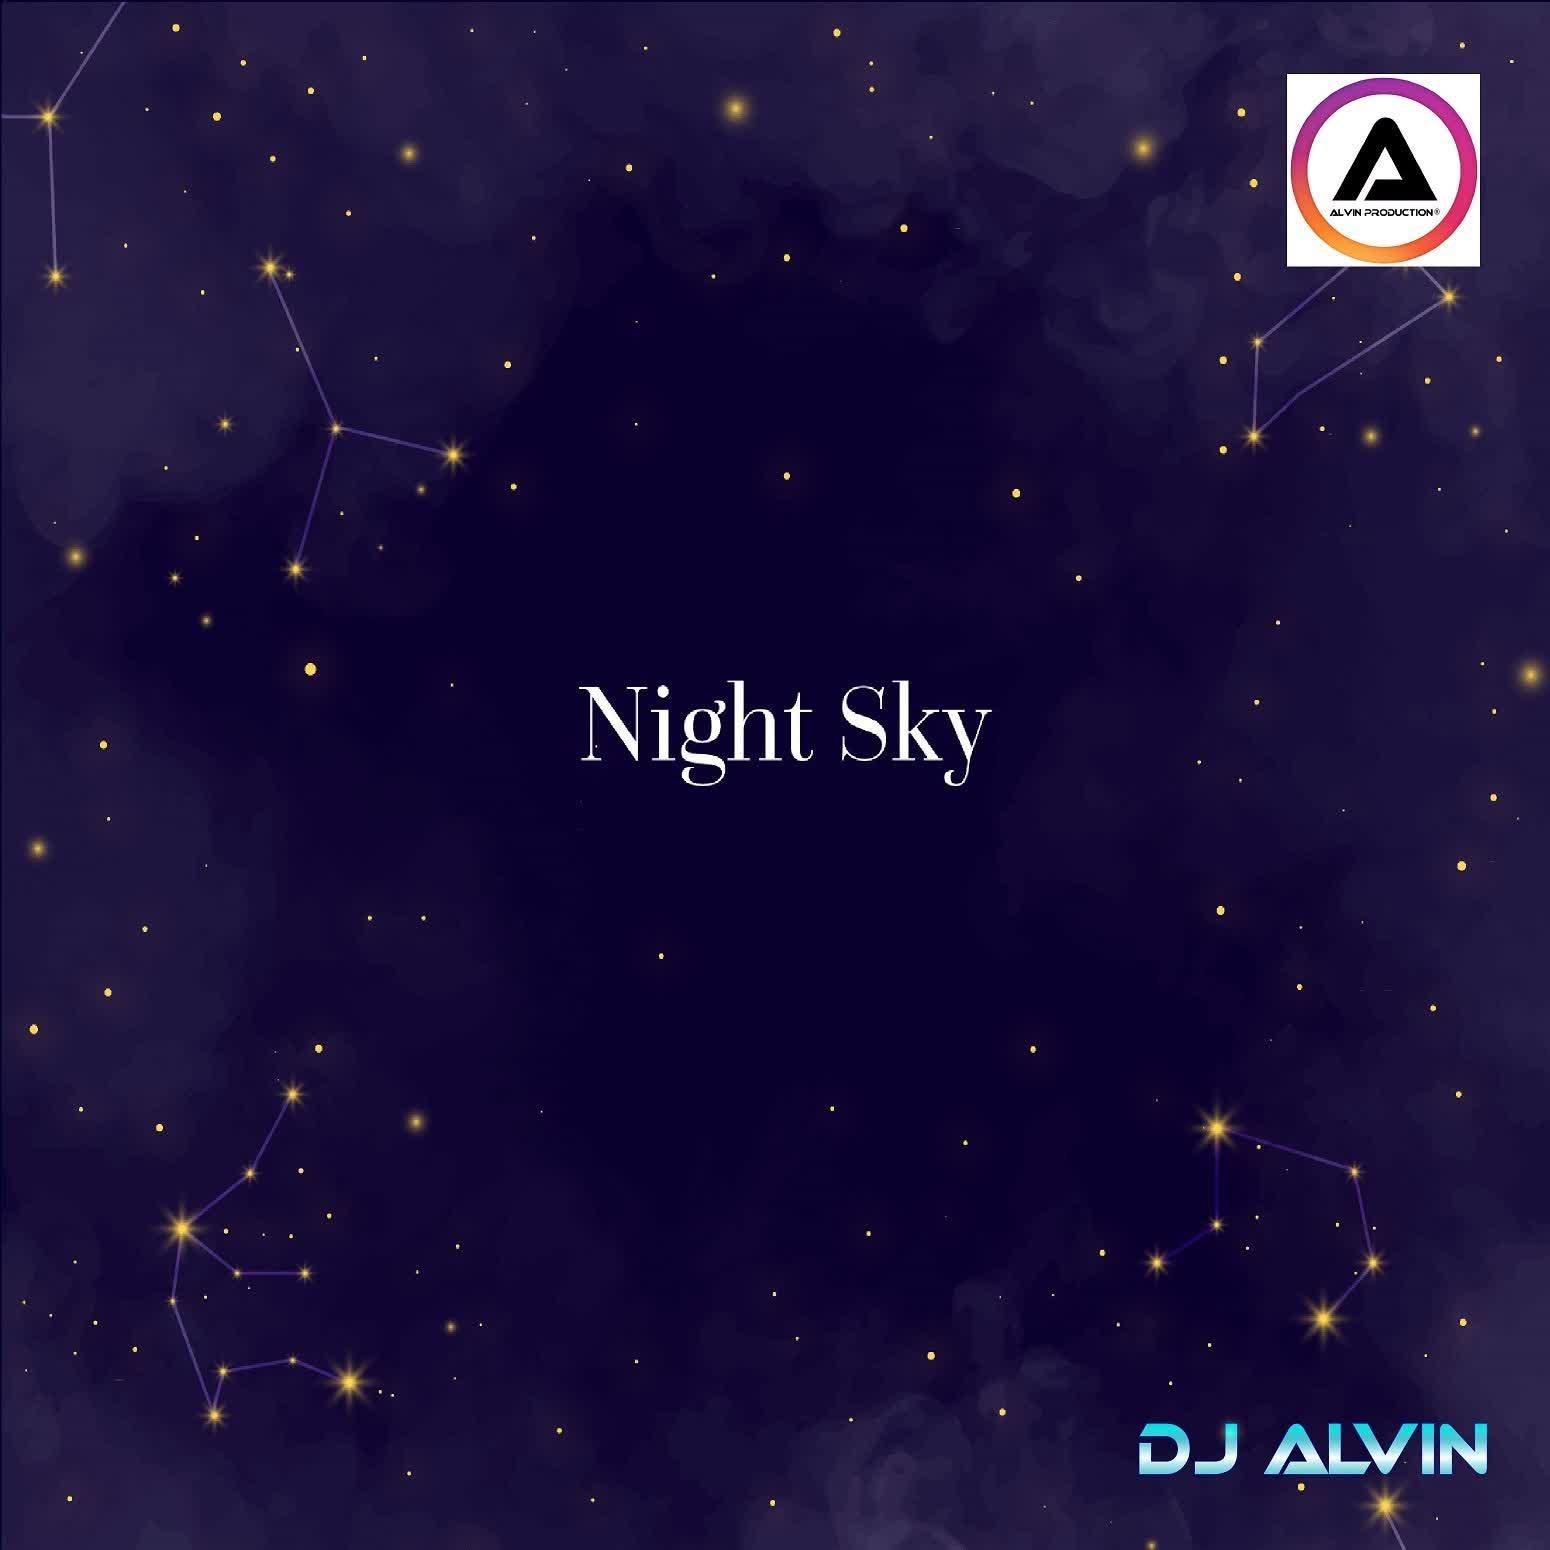 DJ Alvin - Night Sky